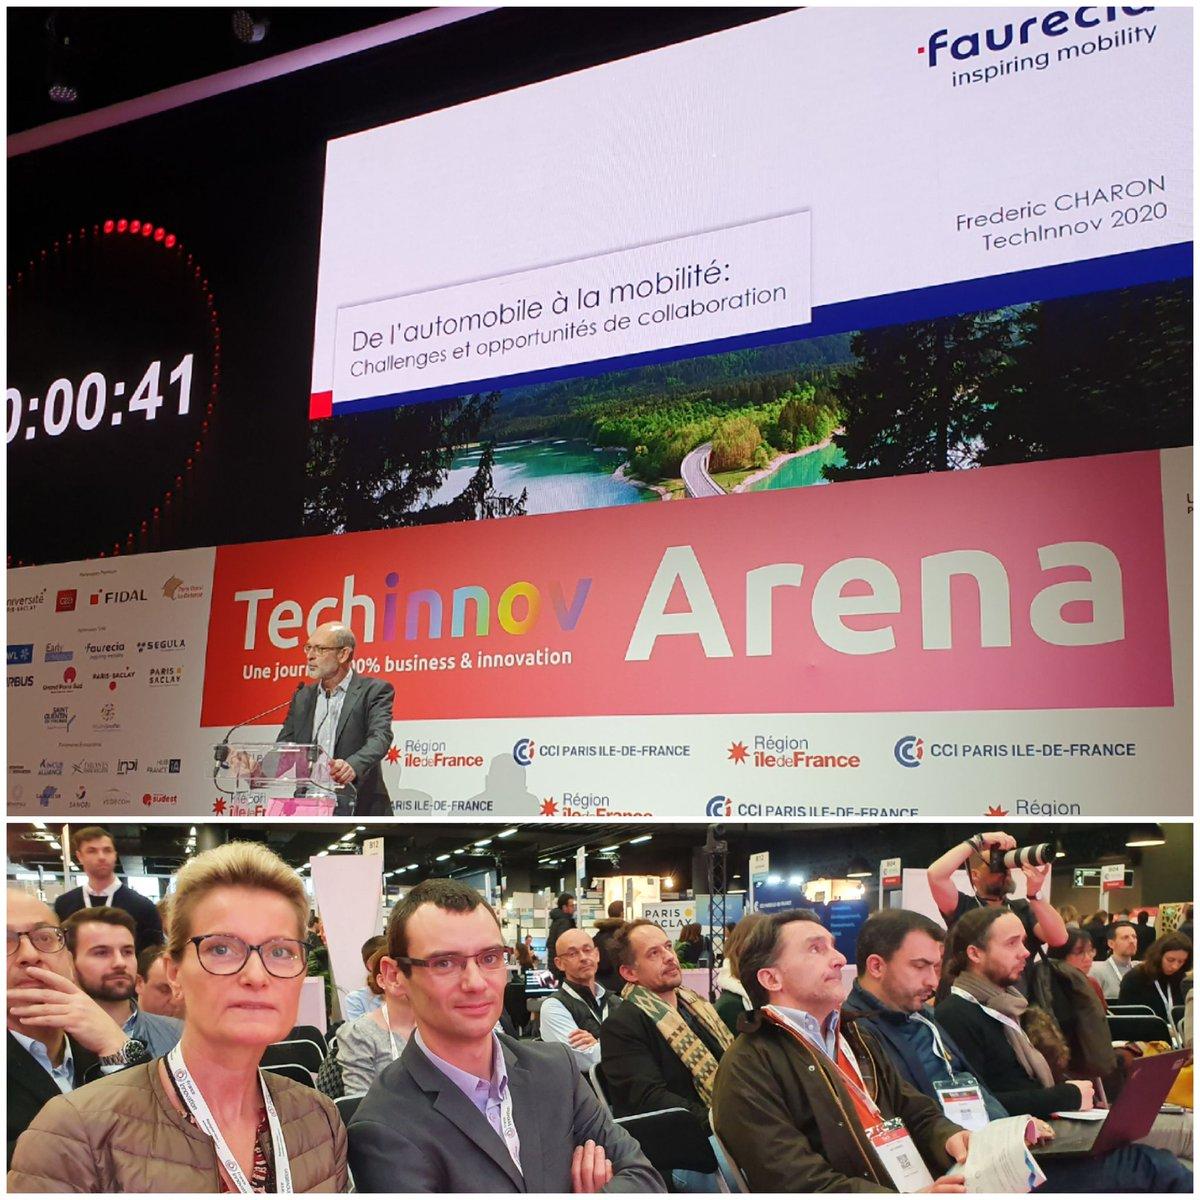 Développer #openinnovation #madeinfrance en participant #techinnov2020 - présentation des opportunités de collaboration @faurecia par @fredericcharon et l'équipe #achatsinnovationpic.twitter.com/3cILYONGrd